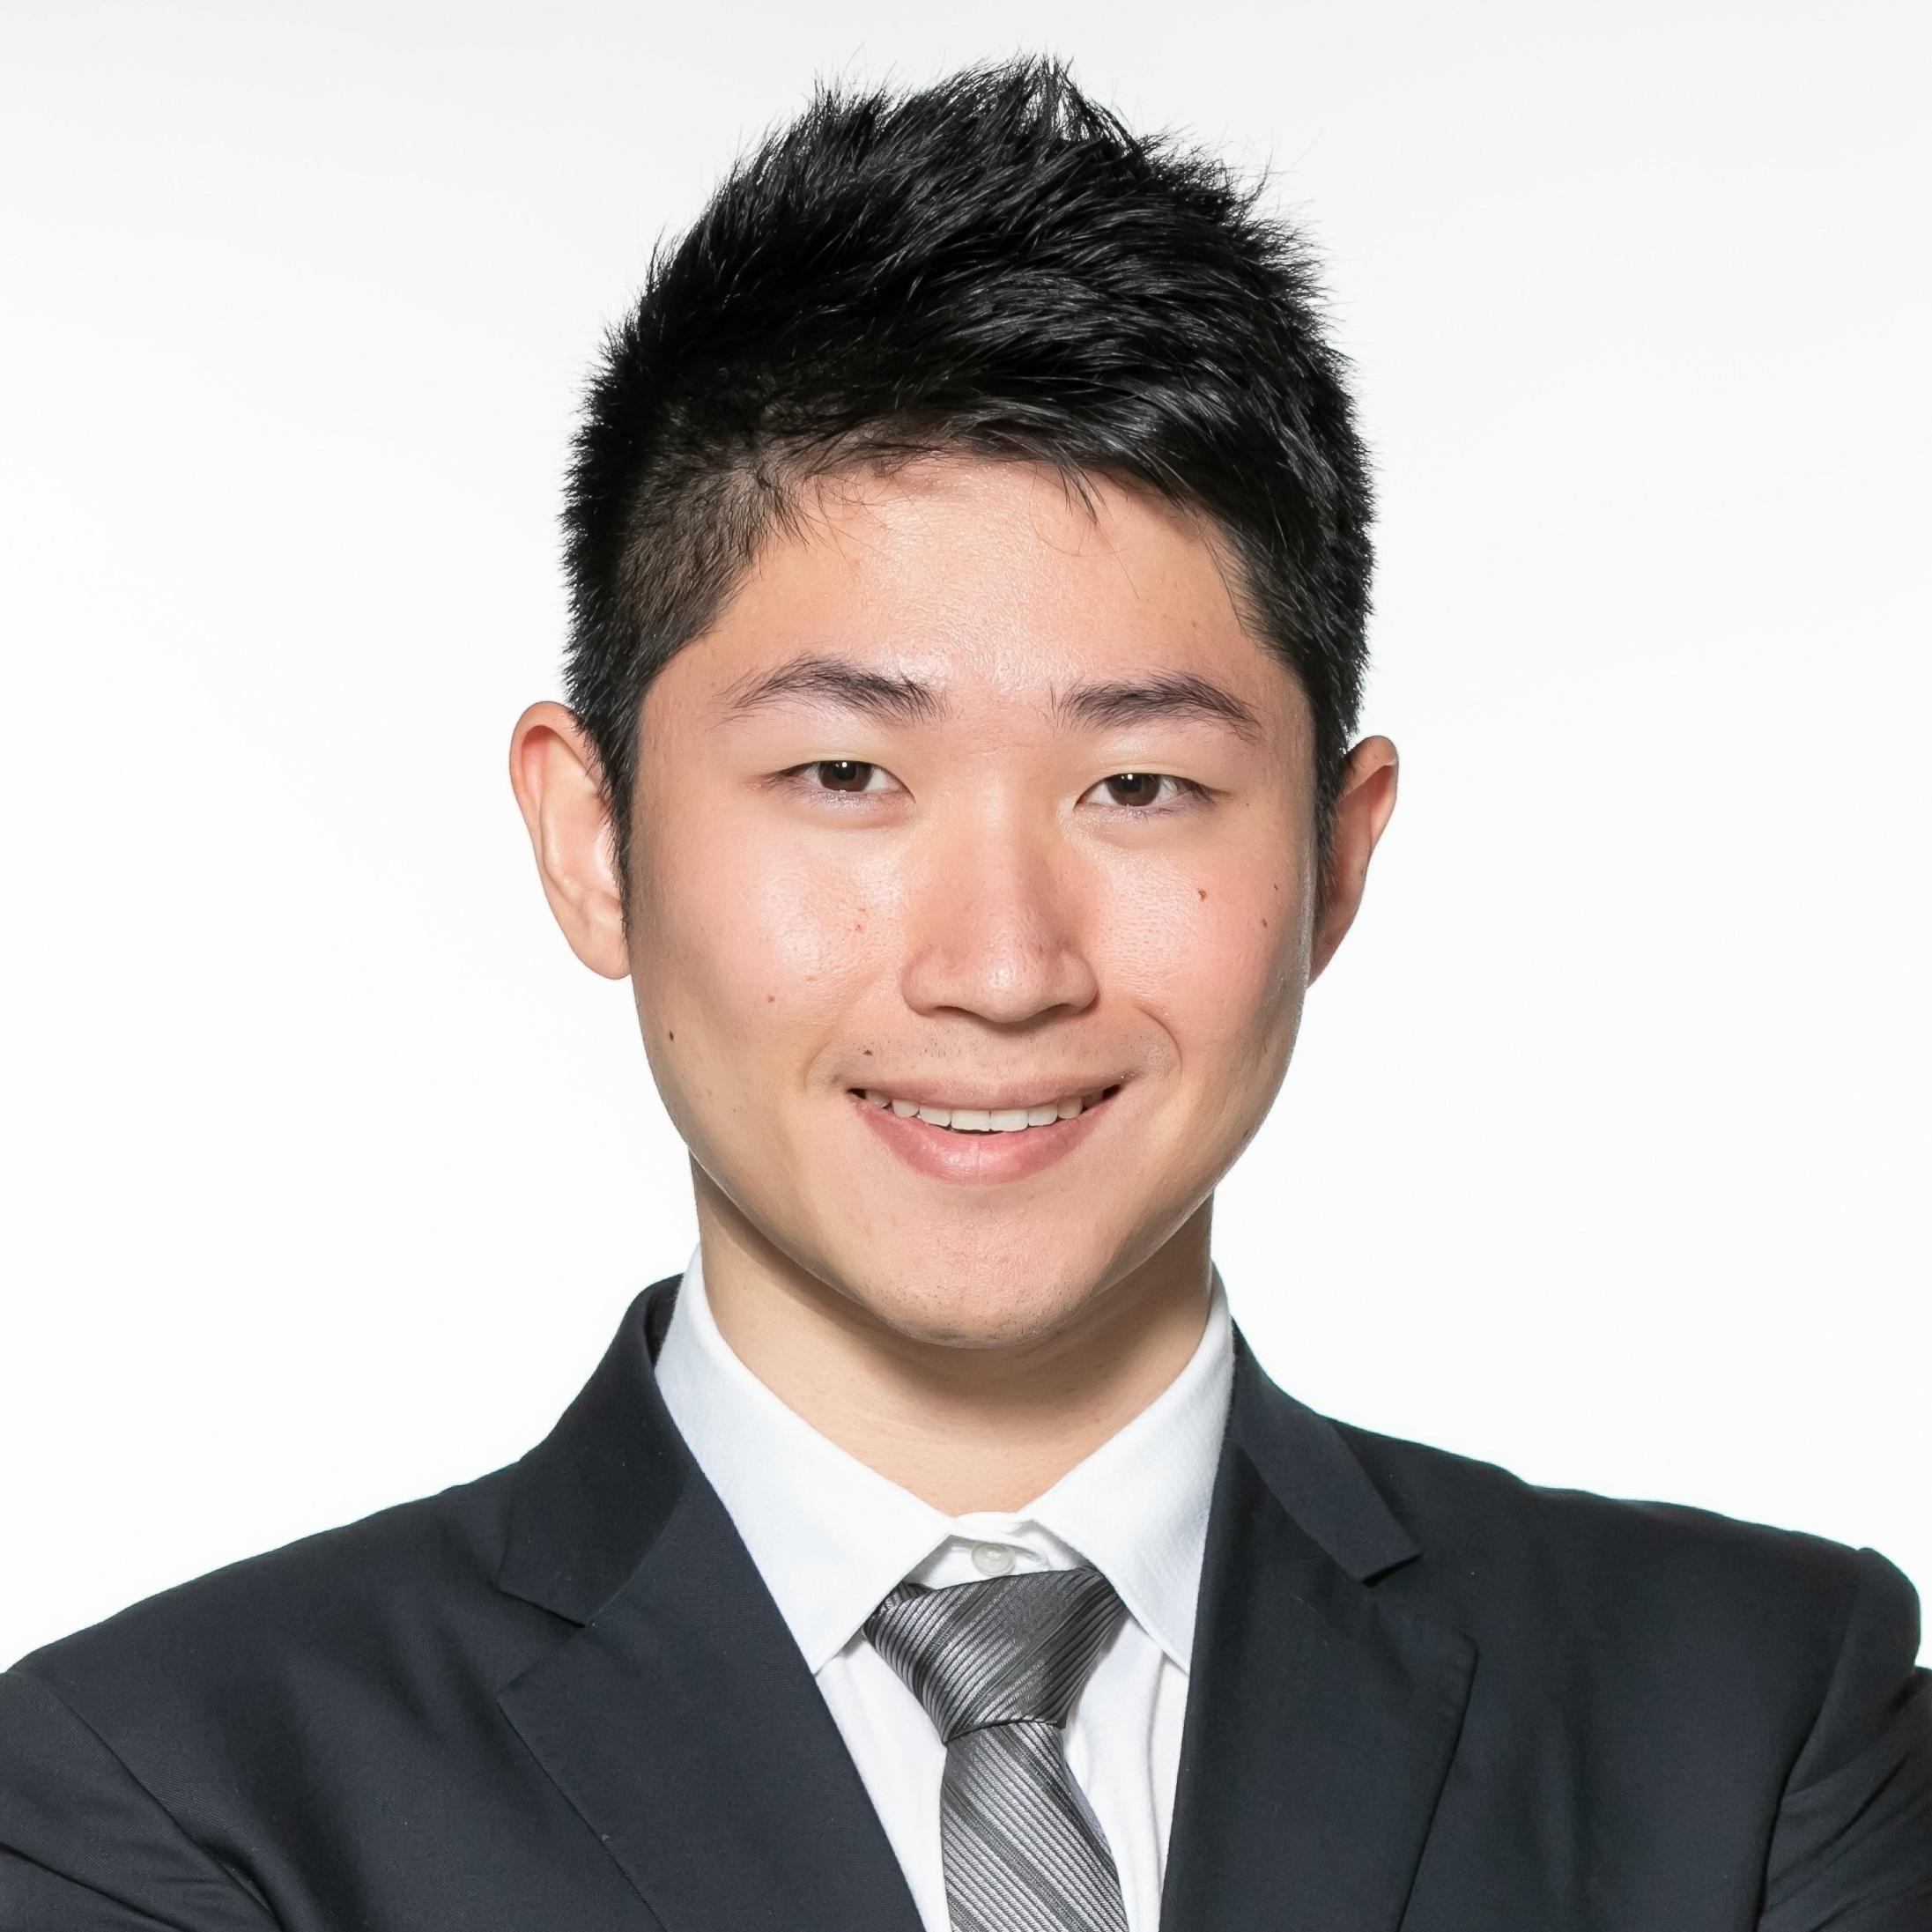 劉彥晨 (Scott Liu)  技術長